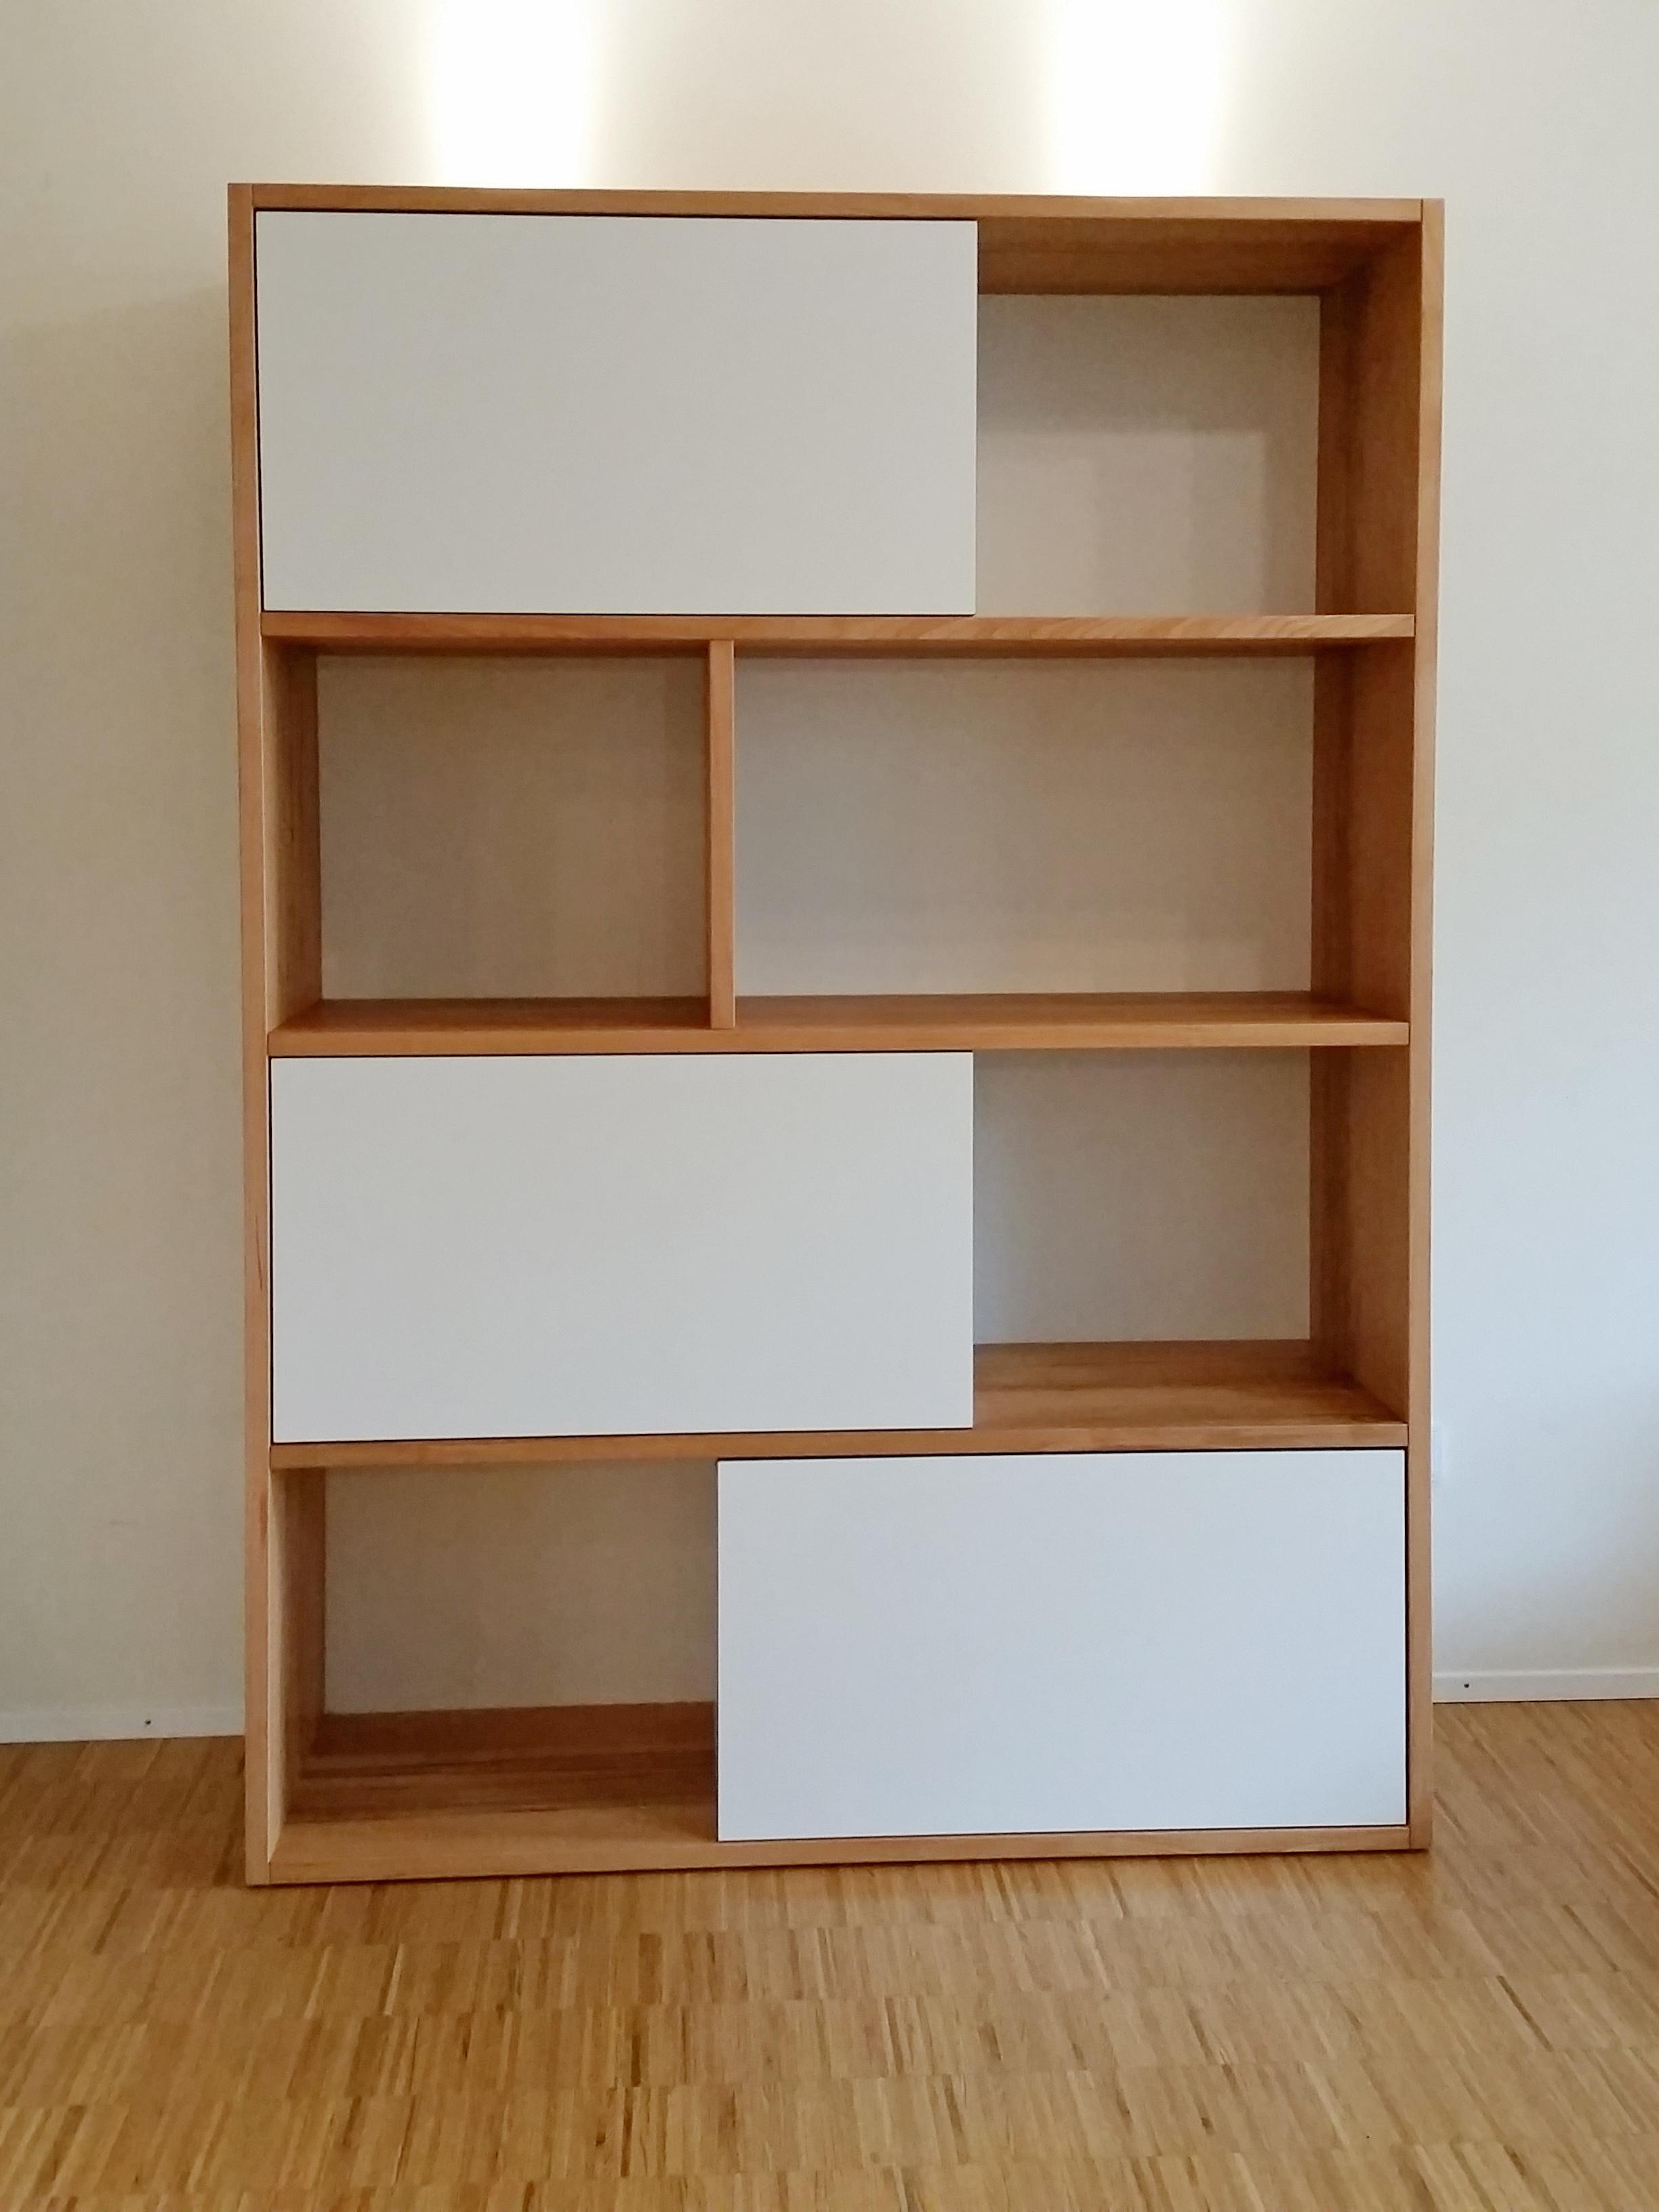 Wohnzimmer Regal in Kernbuche Multiplex weiß